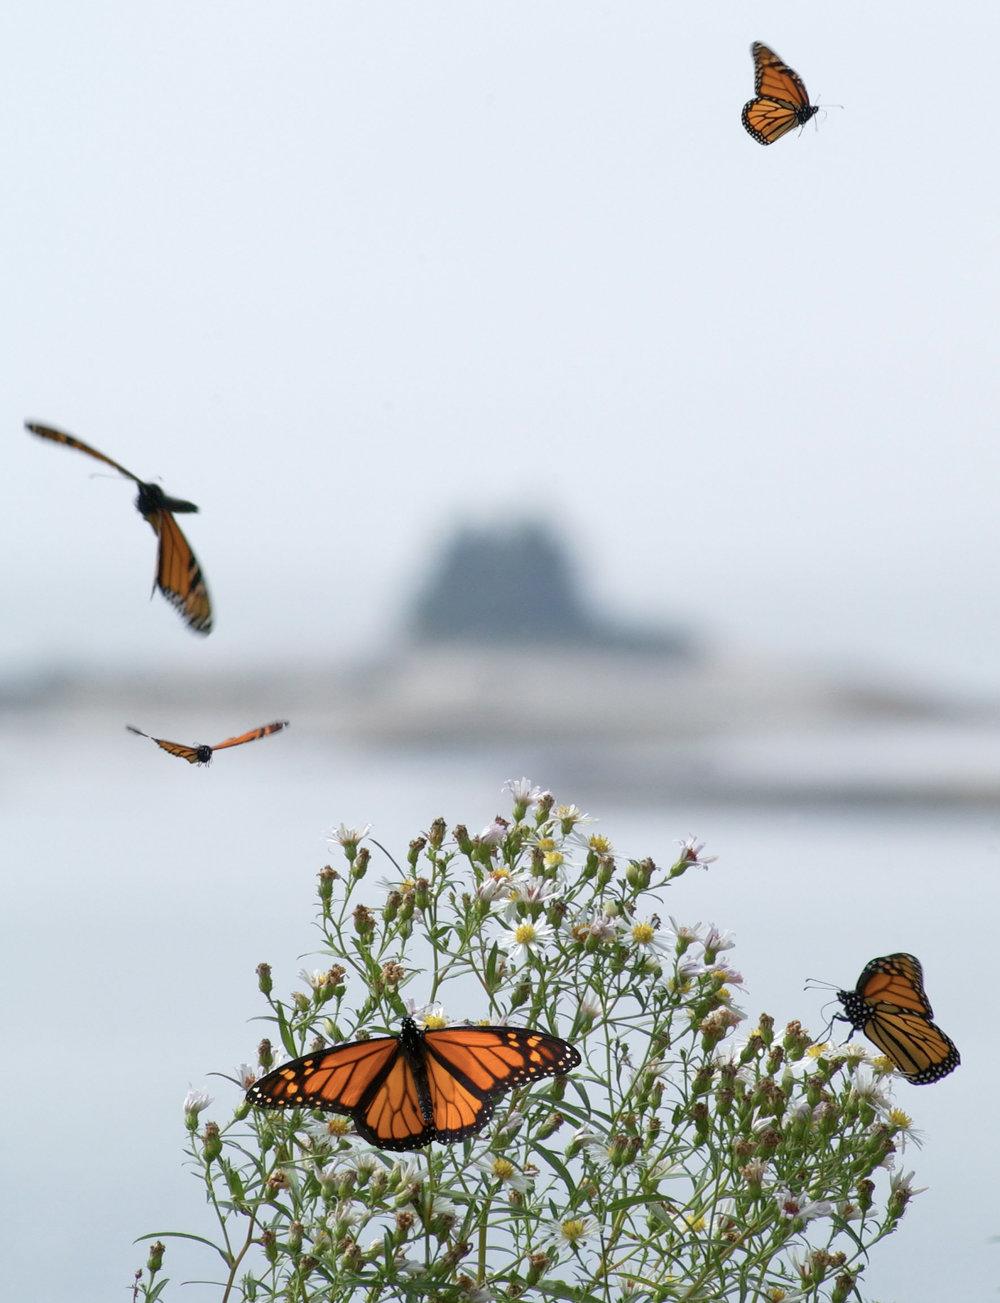 5 monarchs